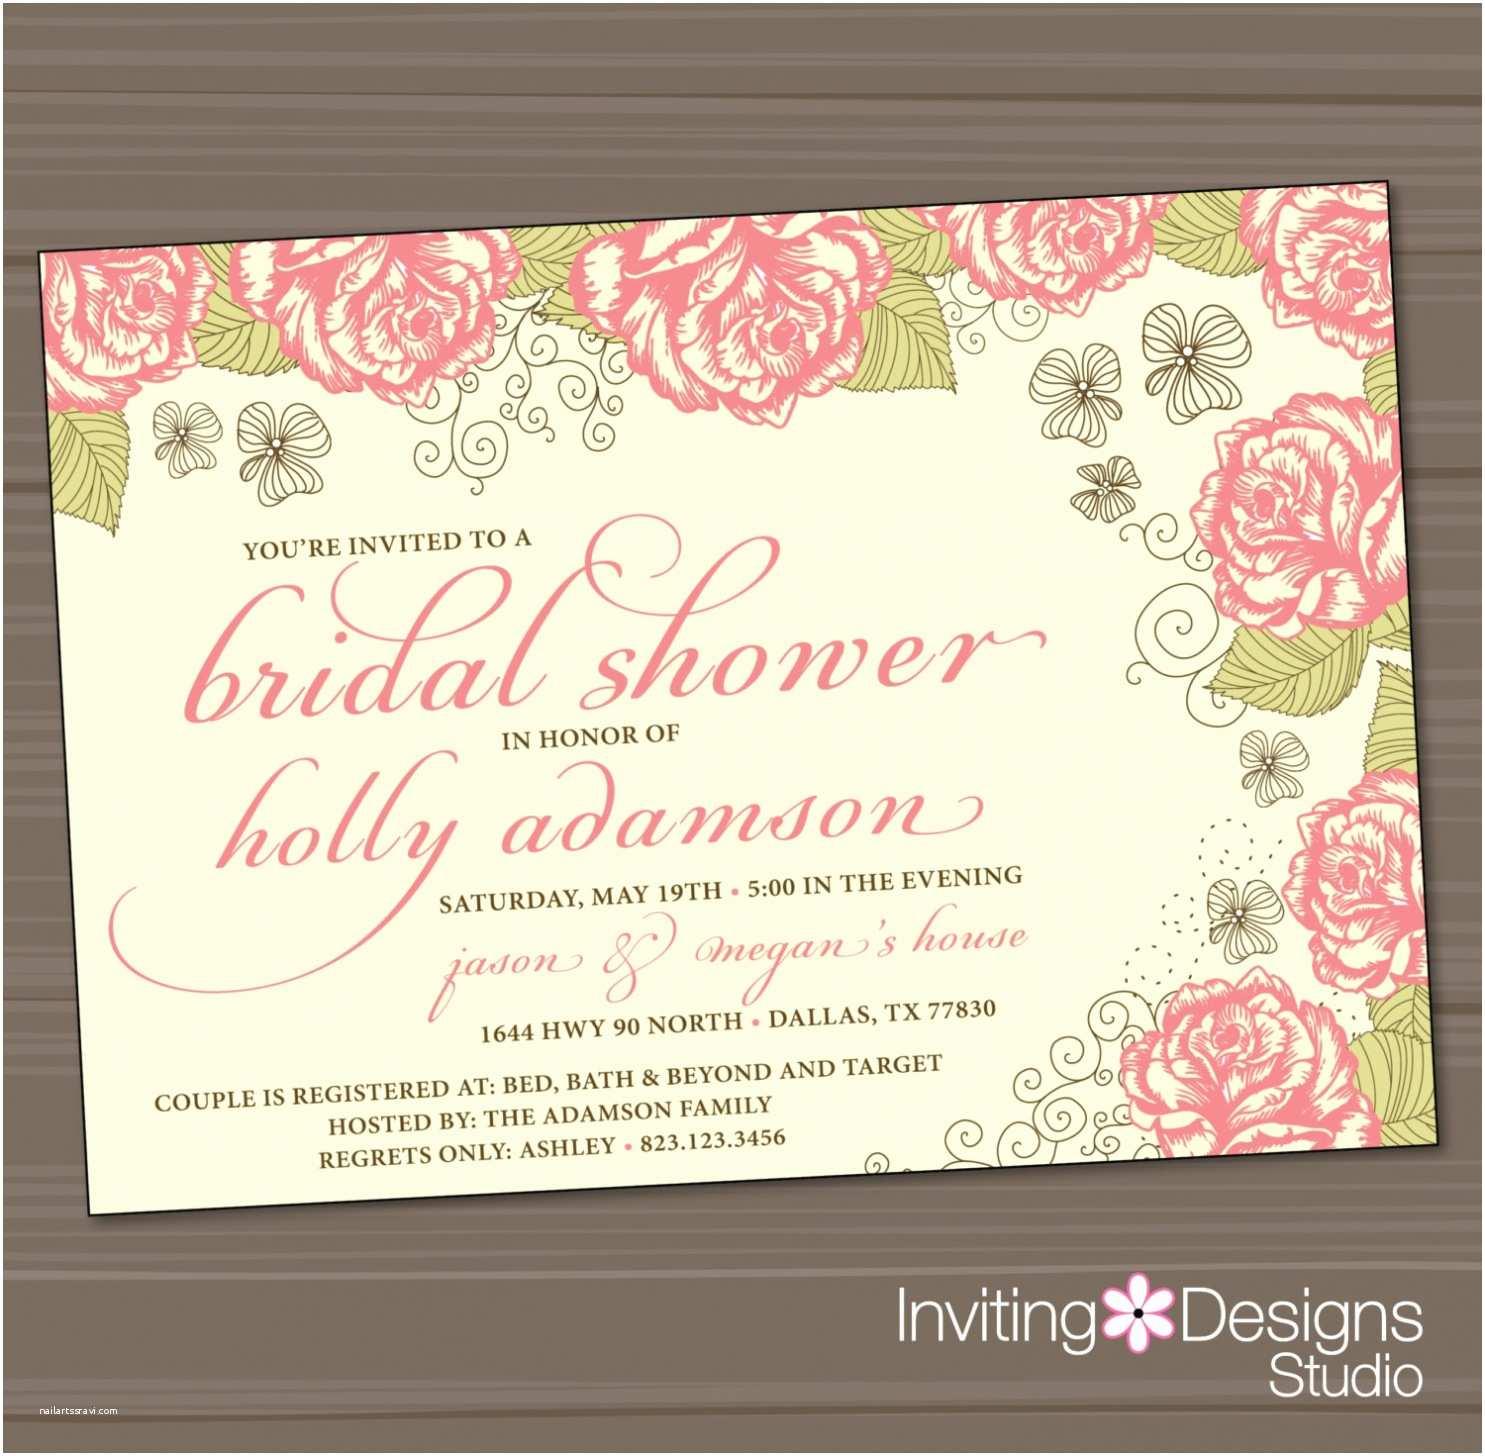 All In One Wedding Invitations Costco Costco Wedding Invitations Line Various Invitation